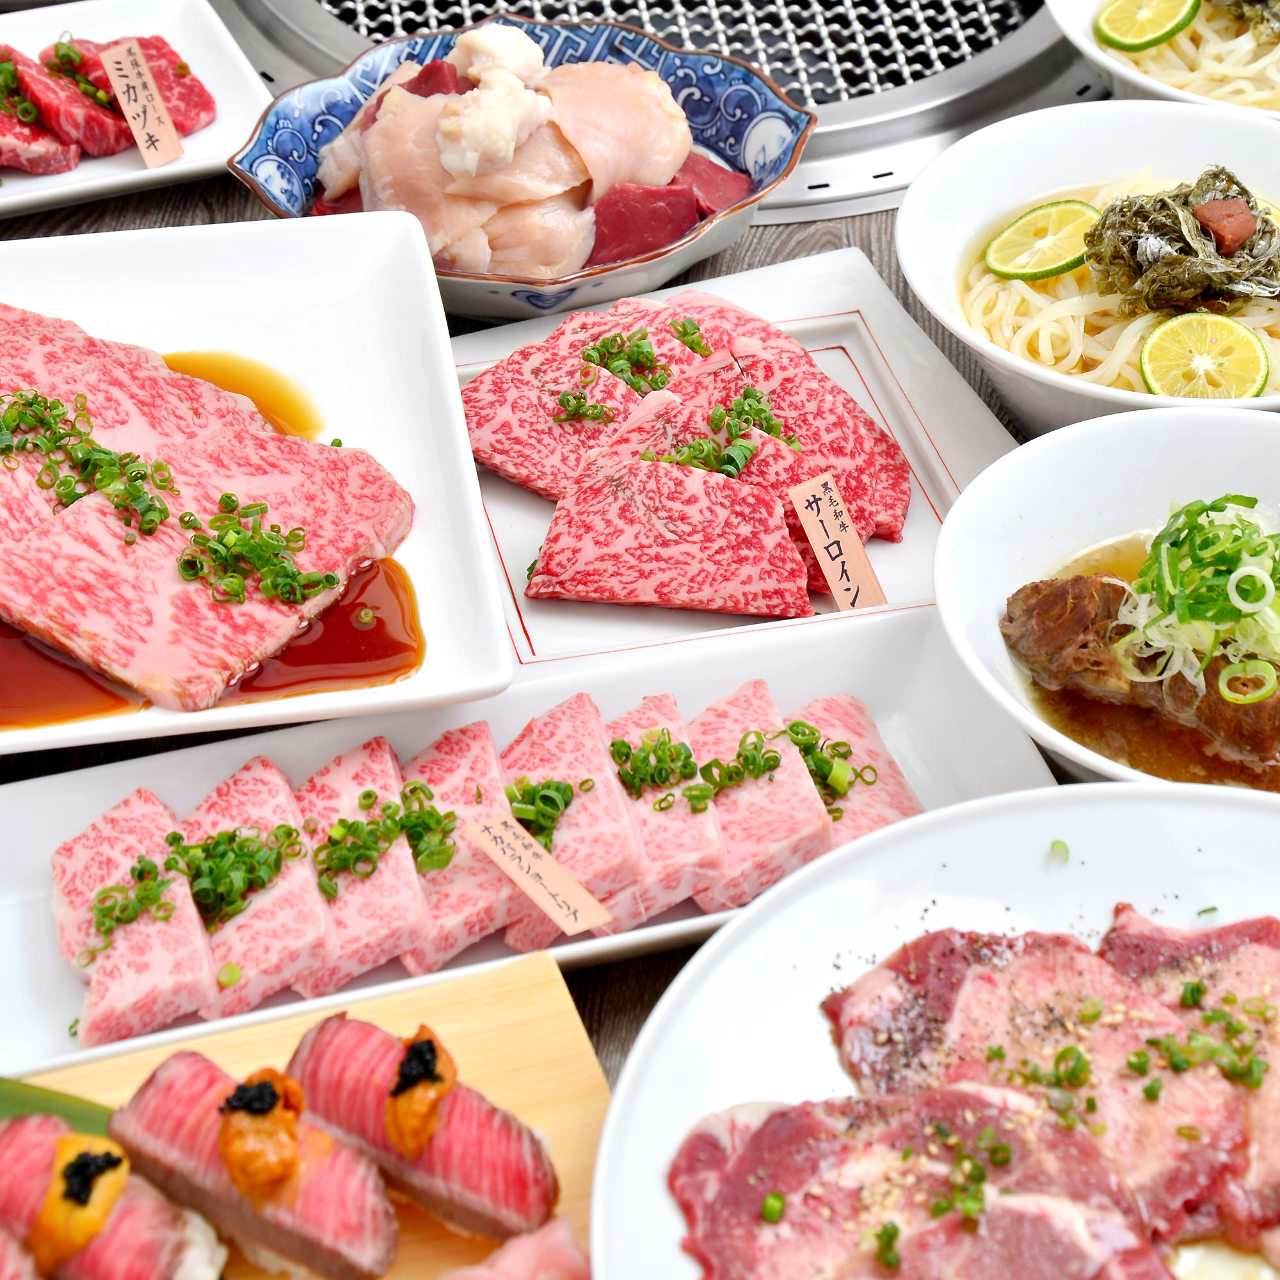 《お料理のみ》黒毛和牛カルビの盛り合わせ含む全12品『特選コース』4,000円